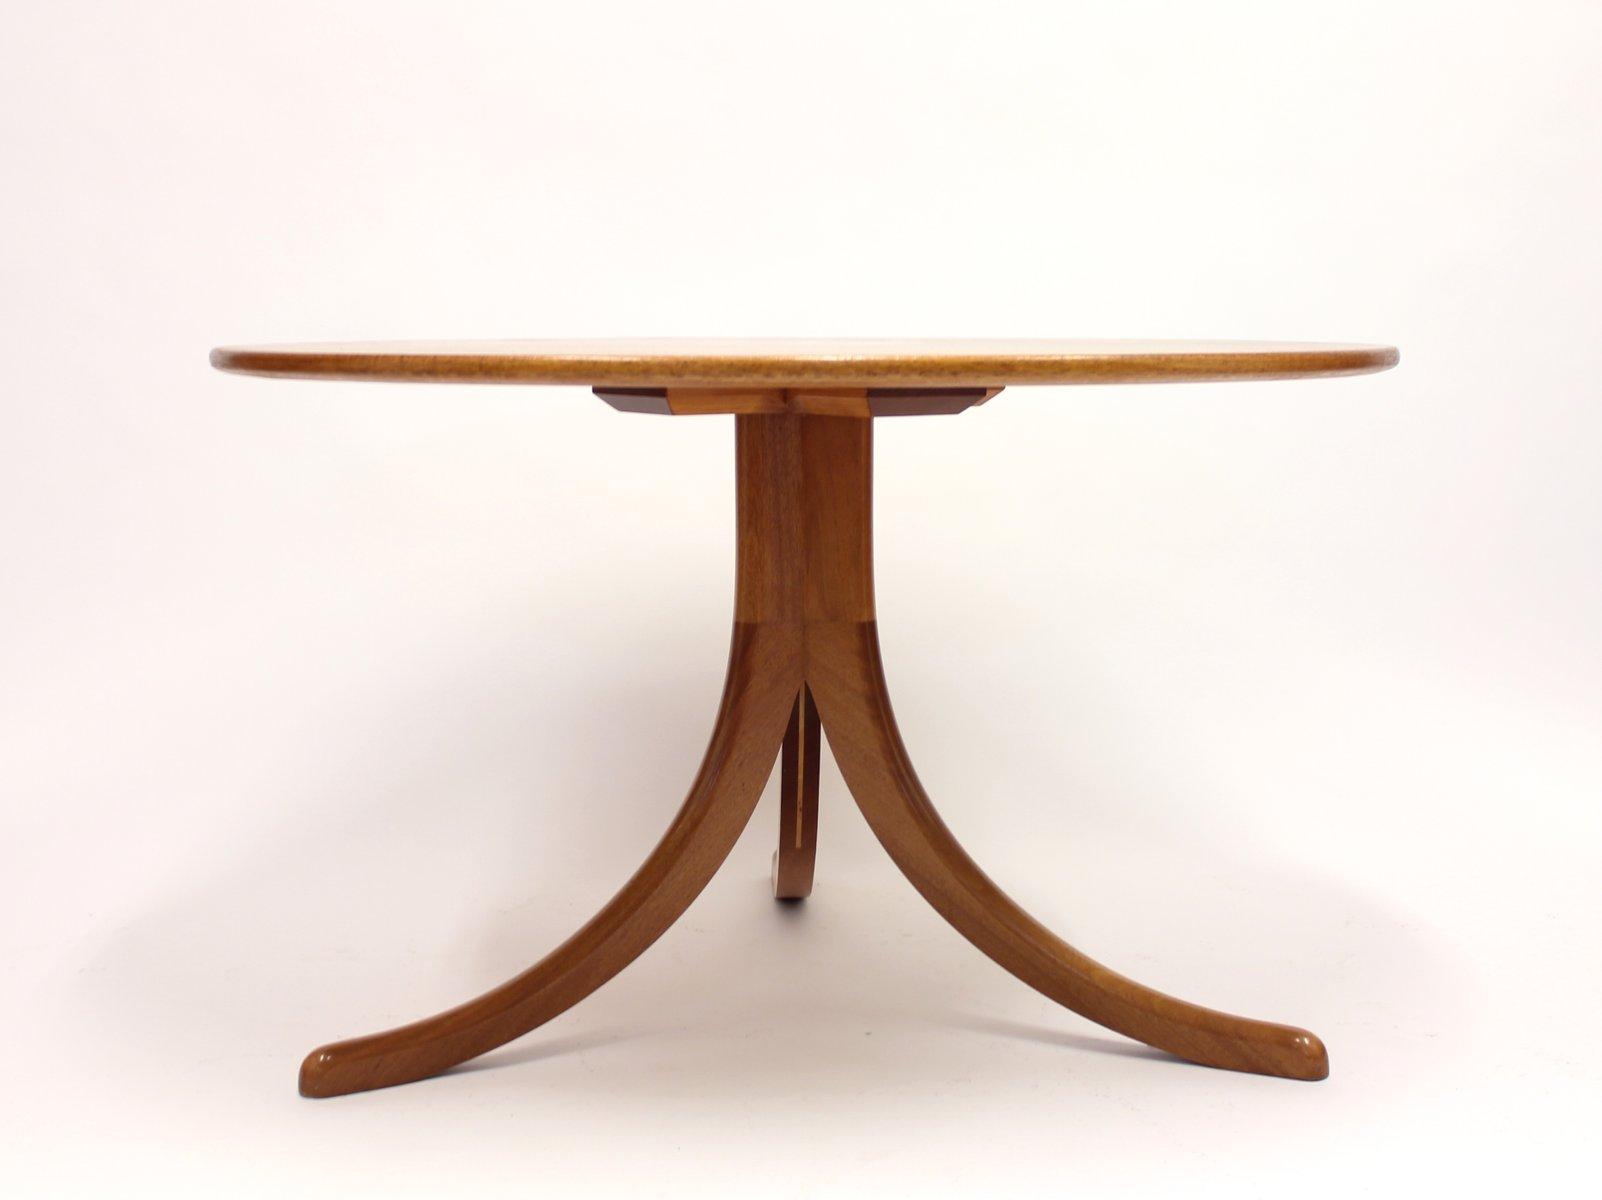 1020 pyramid mahogany sofa table by josef frank for svenskt tenn 1020 pyramid mahogany sofa table by josef frank for svenskt tenn 1980s watchthetrailerfo